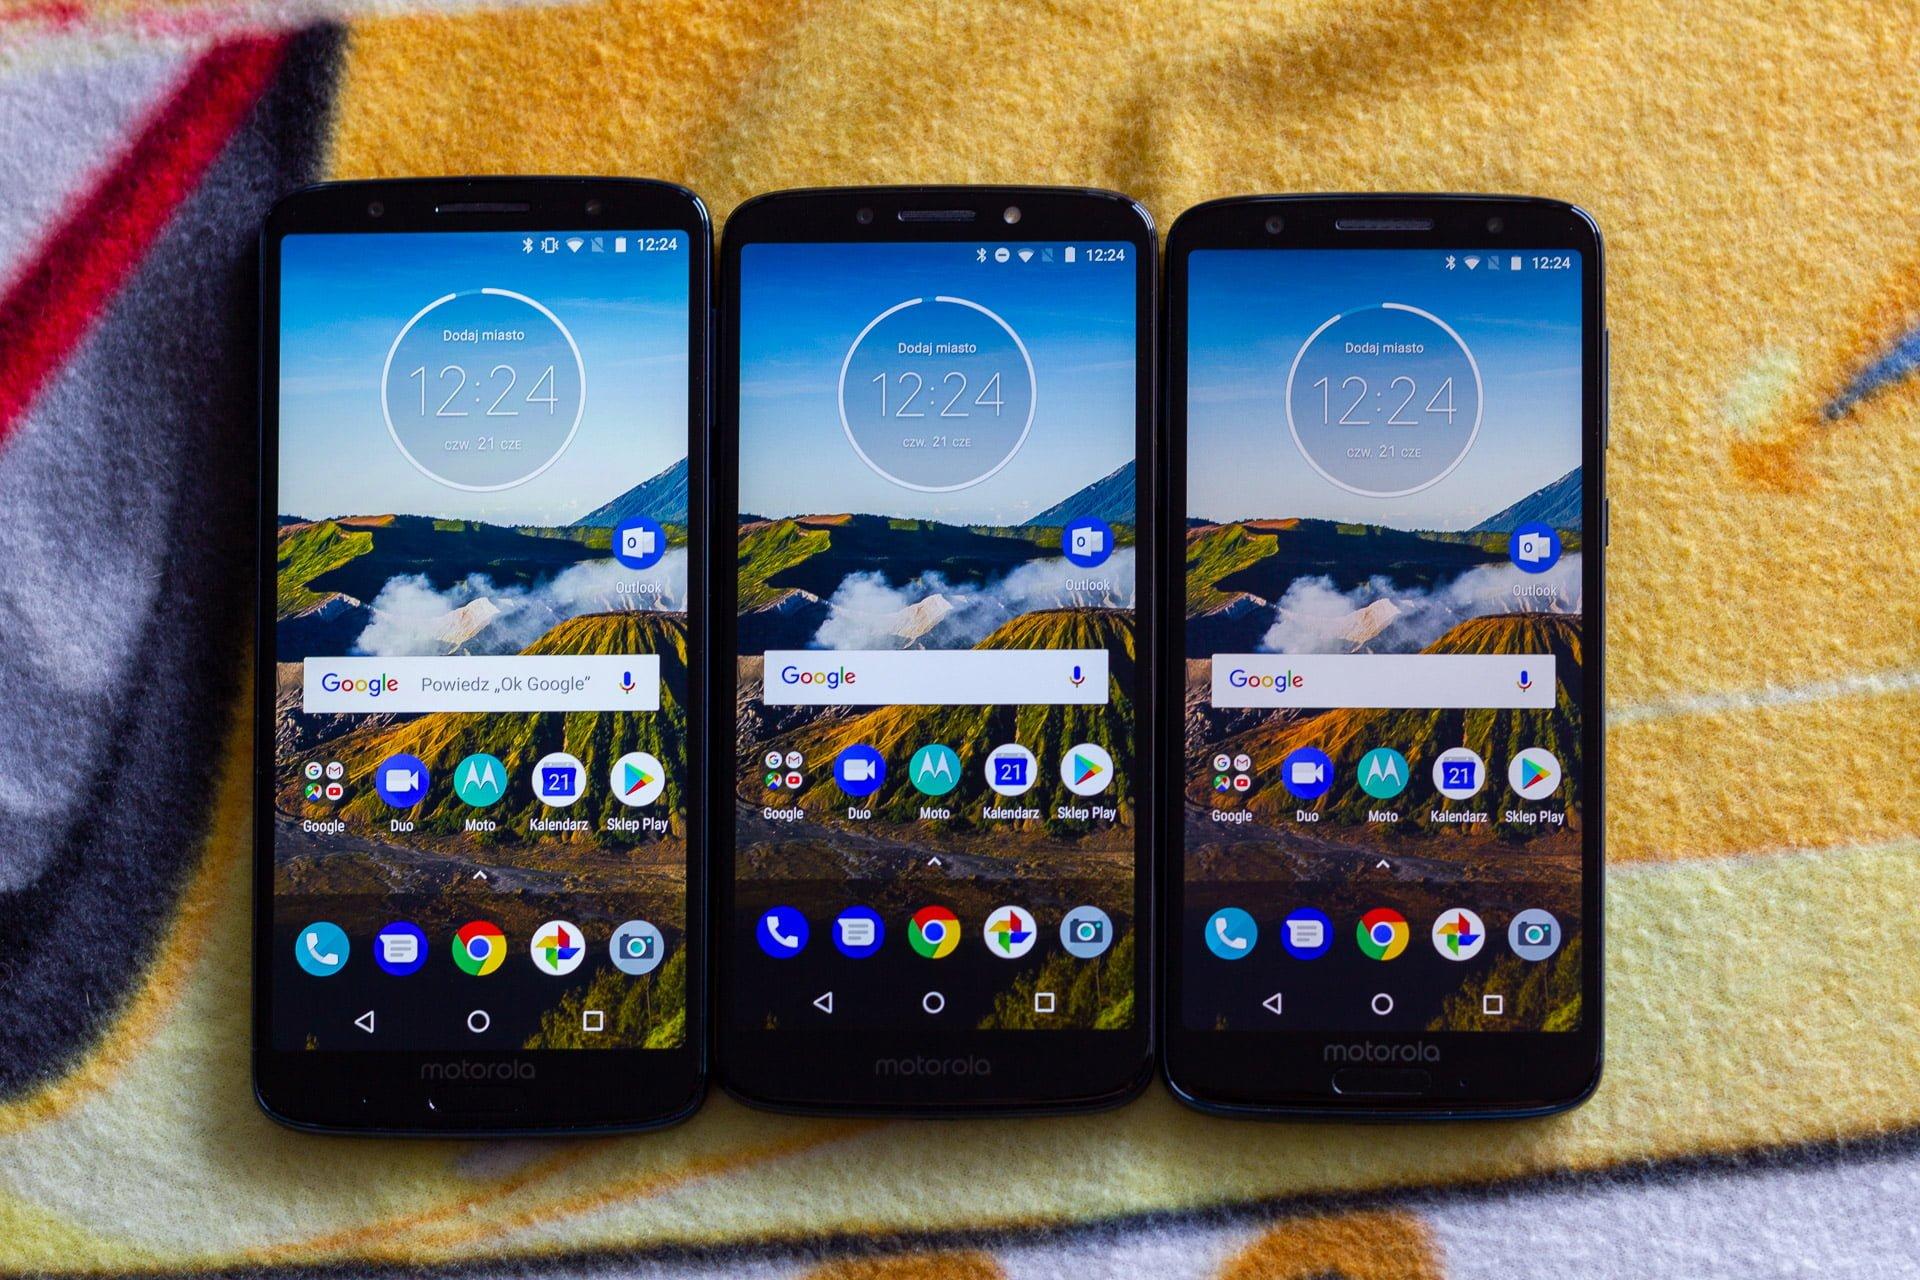 Porównaliśmy ze sobą smartfony z najnowszej serii Moto G: Moto G6, Moto G6 Play i Moto G6 Plus. Który z nich najlepiej kupić? 16